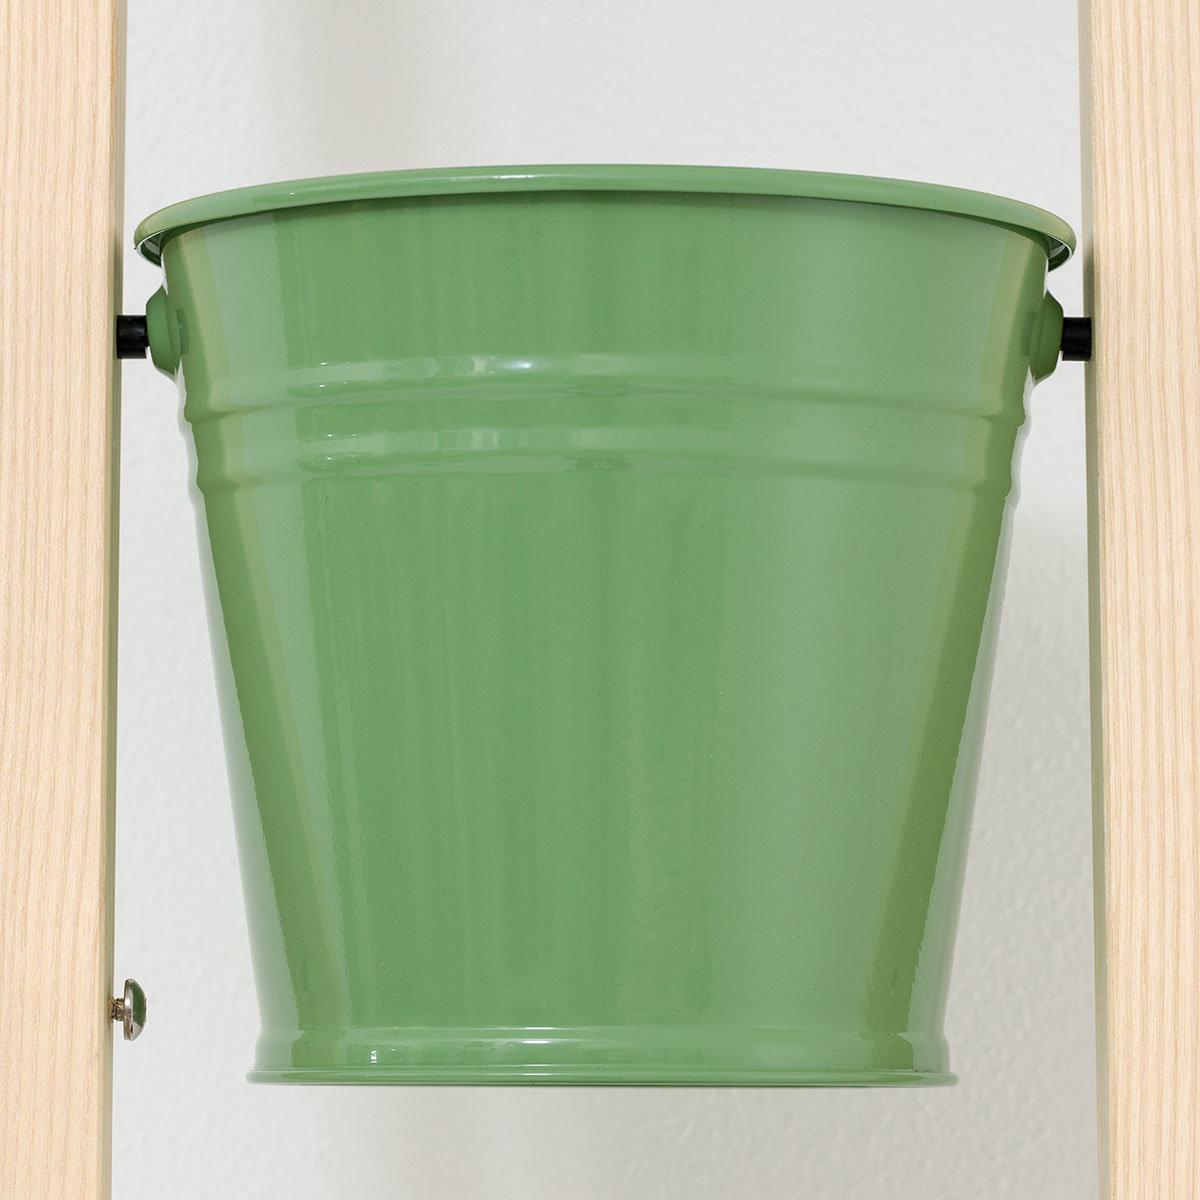 Pflanzleiter mit Topf 2-in-1 ,238x22x42 cm, Eschenholz, blassgrün | #7